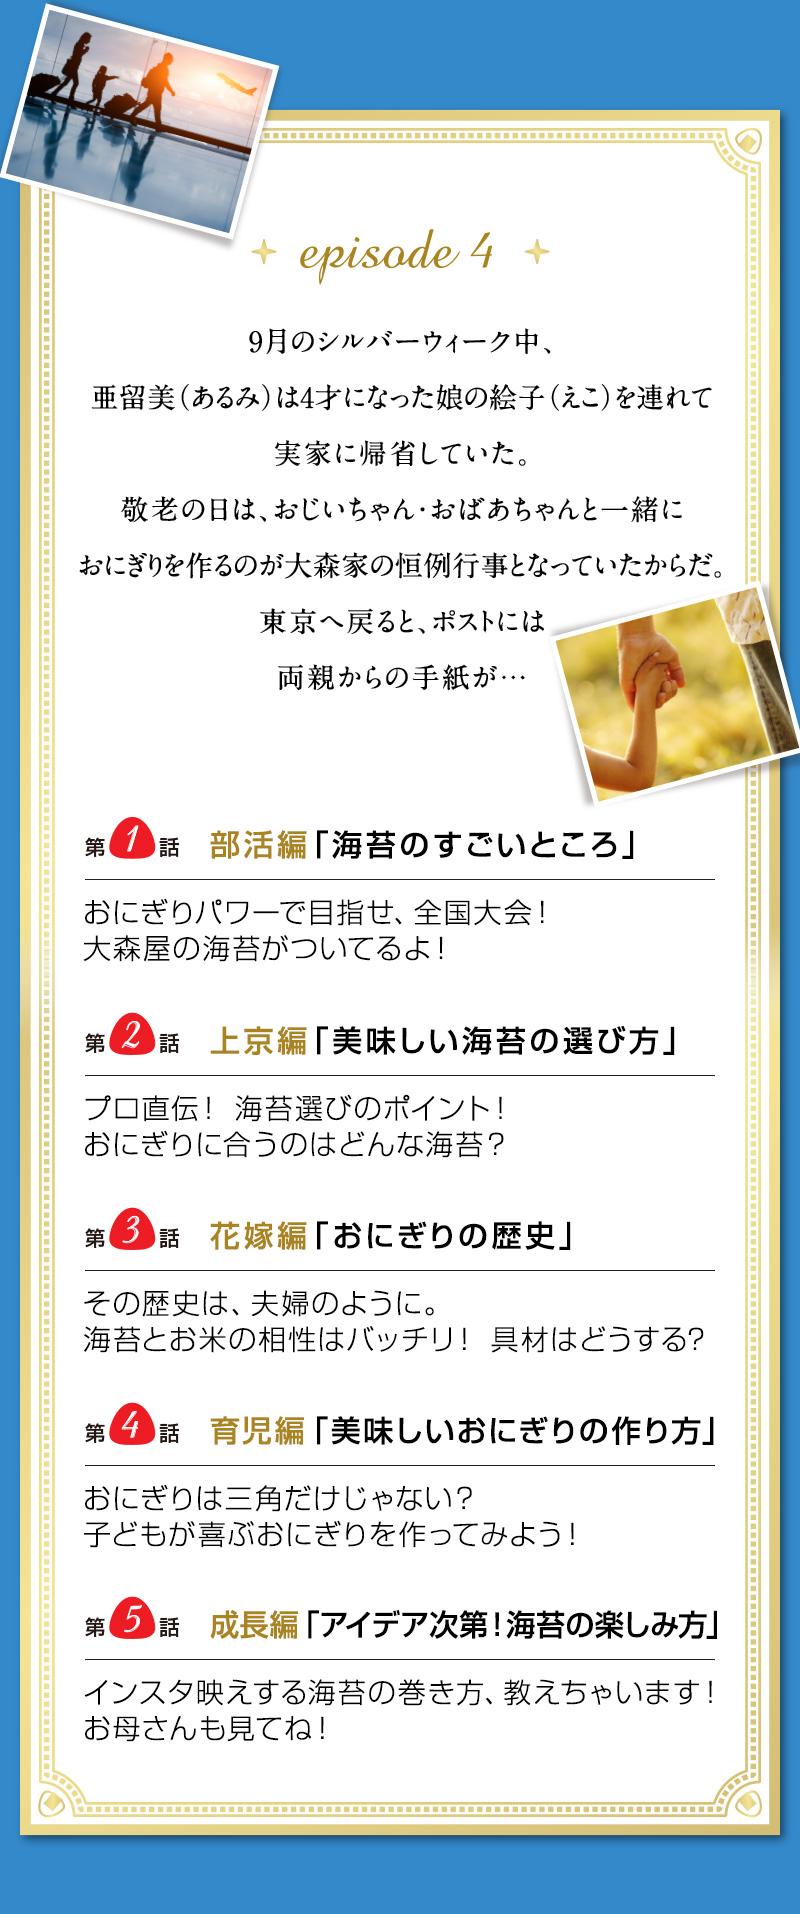 episode 4 9月のシルバーウィーク中、亜留美(あるみ)は 4才になった娘の絵子(えこ)を連れて実家に帰省していた。 敬老の日は、おじいちゃん・おばあちゃんと一緒に おにぎりを作るのが大森家の恒例行事となっていたからだ。 東京へ戻ると、ポストには両親からの手紙が…